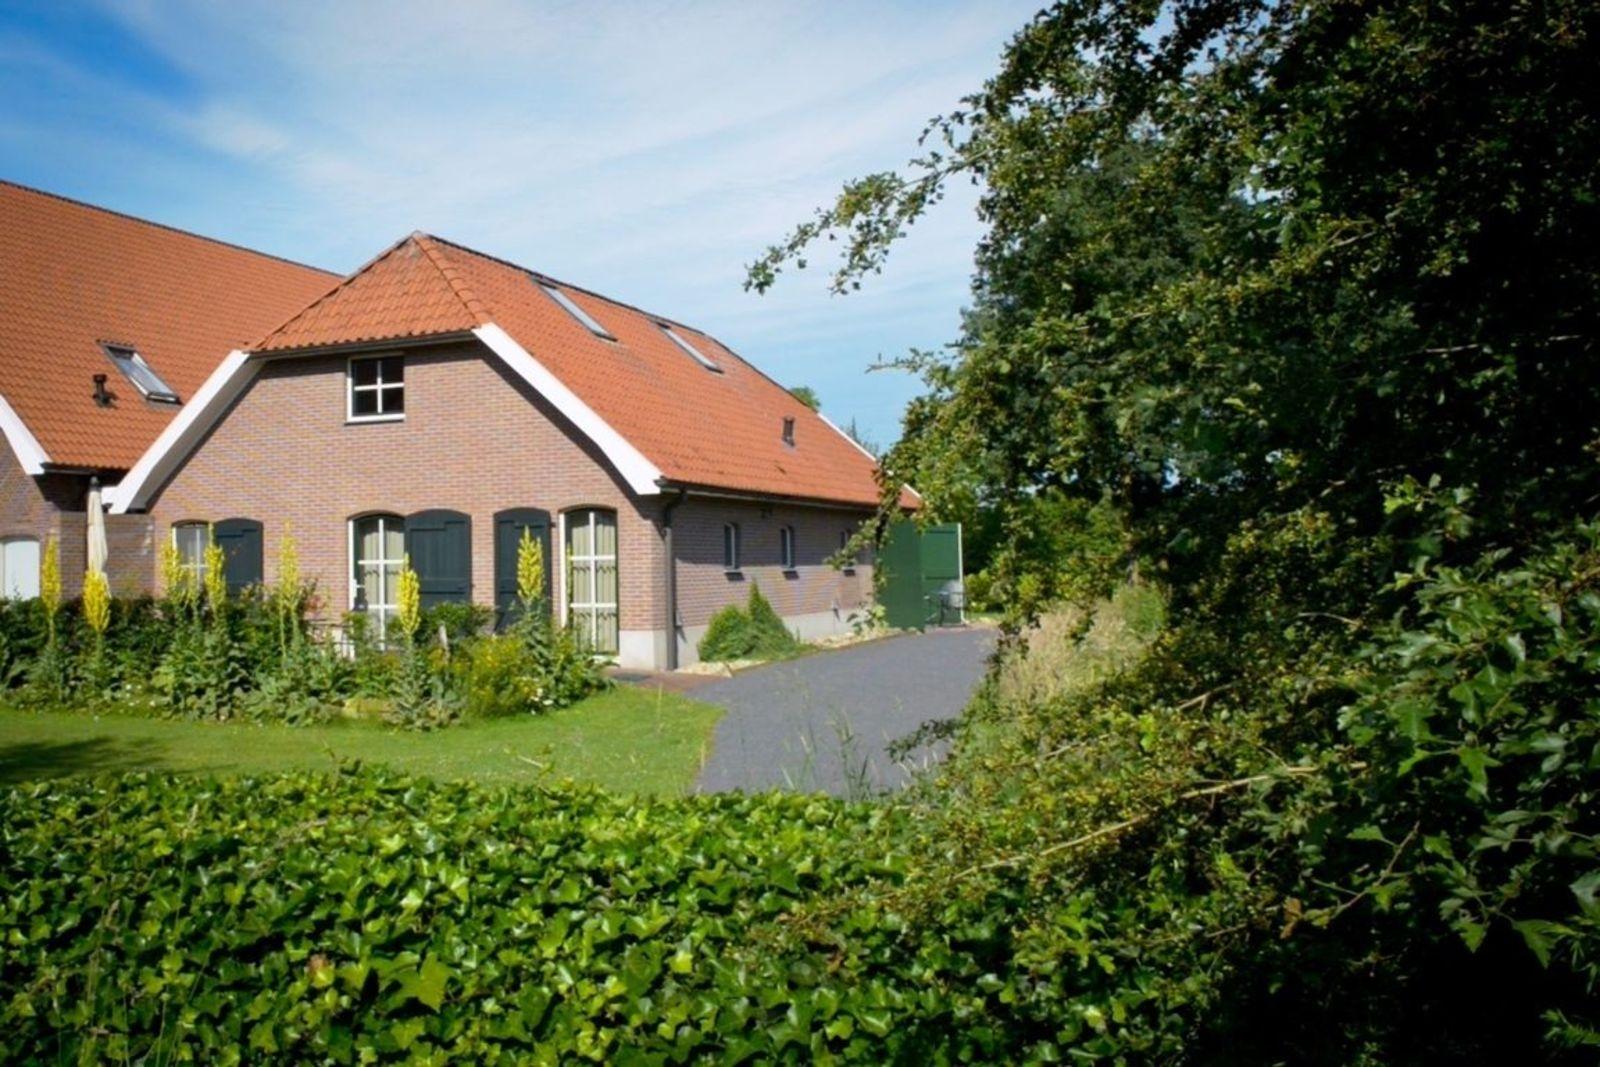 Landgoed 4 Seizoenen 't Zomerhuis - vakantiehuis met sauna in de Achterhoek